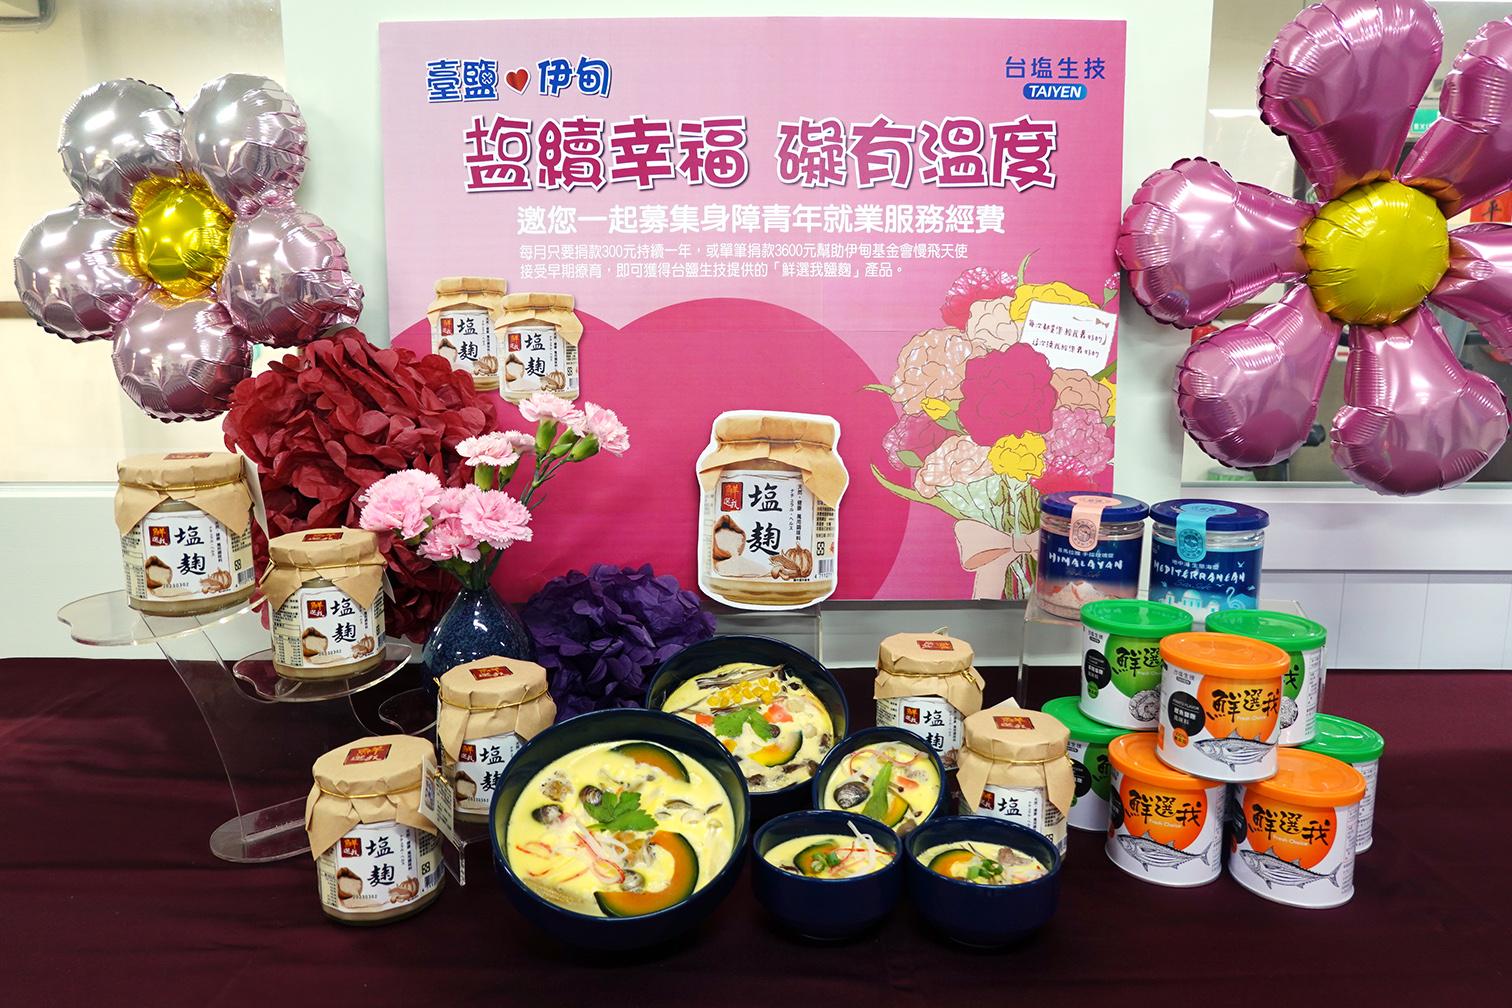 臺鹽公司贊助美味健康的「鮮選我塩麴」當作伊甸年度捐款贈品,期望民眾一同加入守護身障朋友行列,讓愛延續!